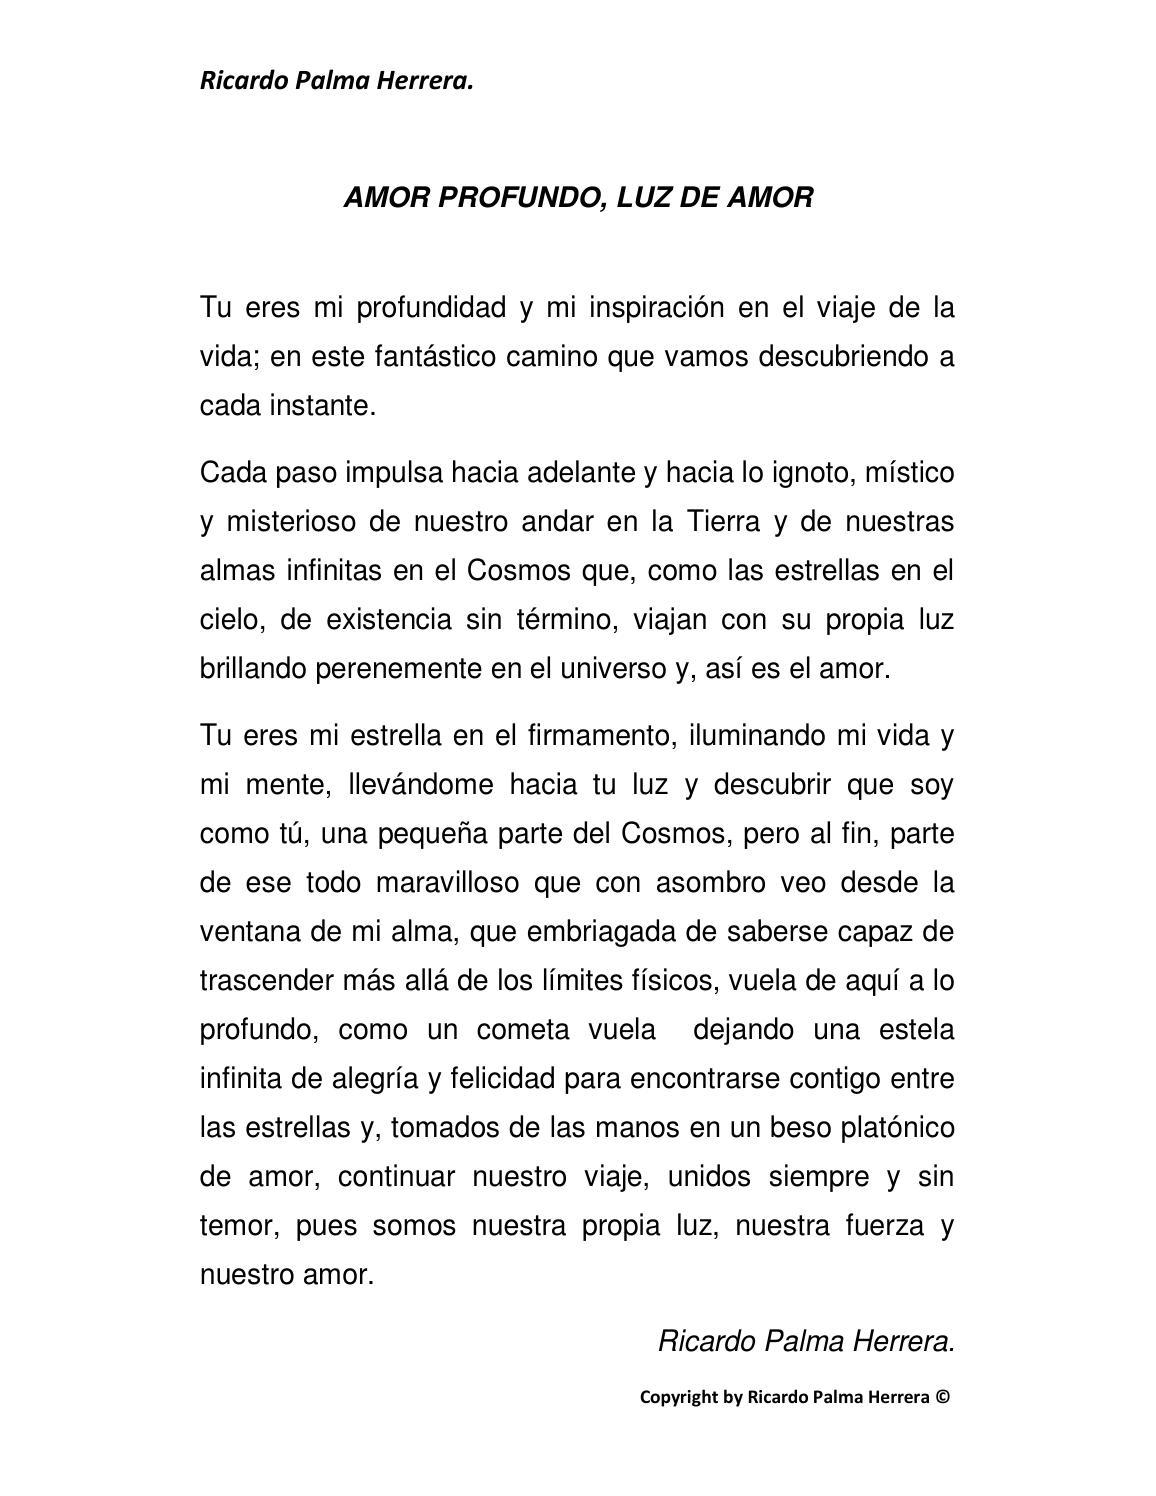 Amor Profundo Poema By Ricardo Palma Herrera Issuu